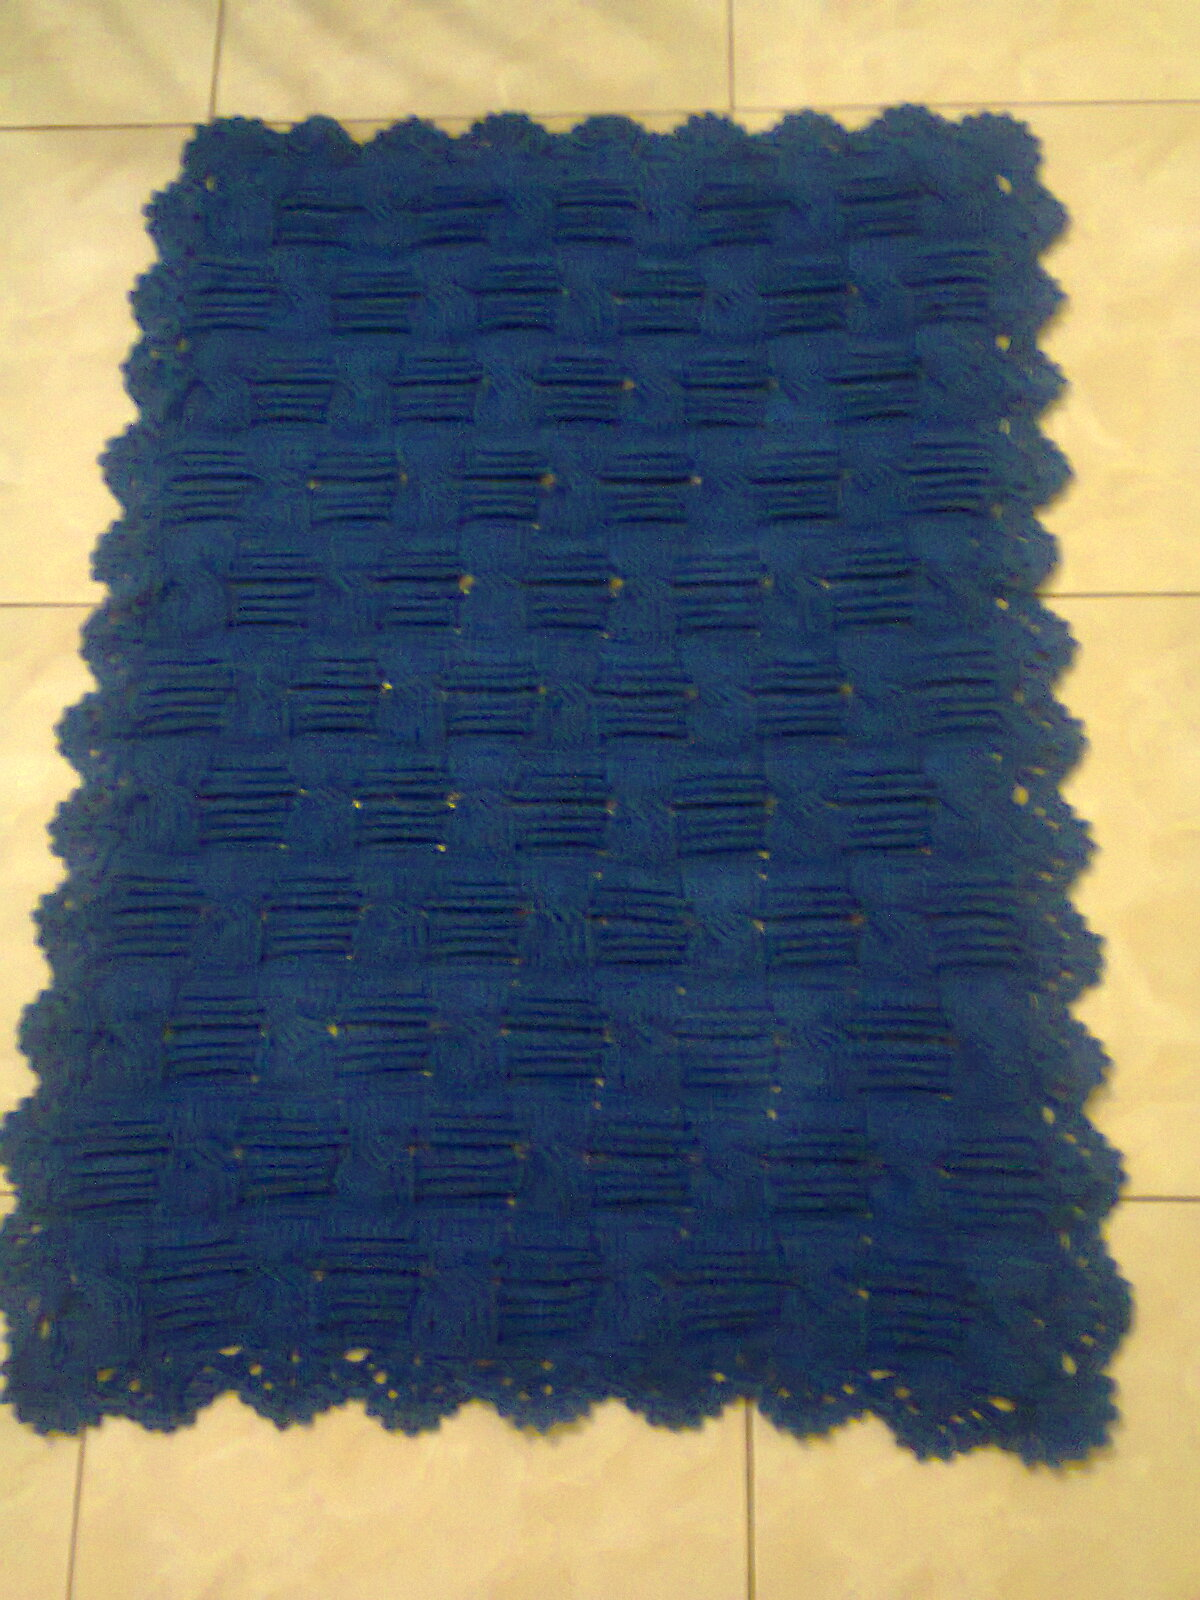 tapete de sala retangular em croche tapete de croche azul marinho  #C79A04 1200 1600